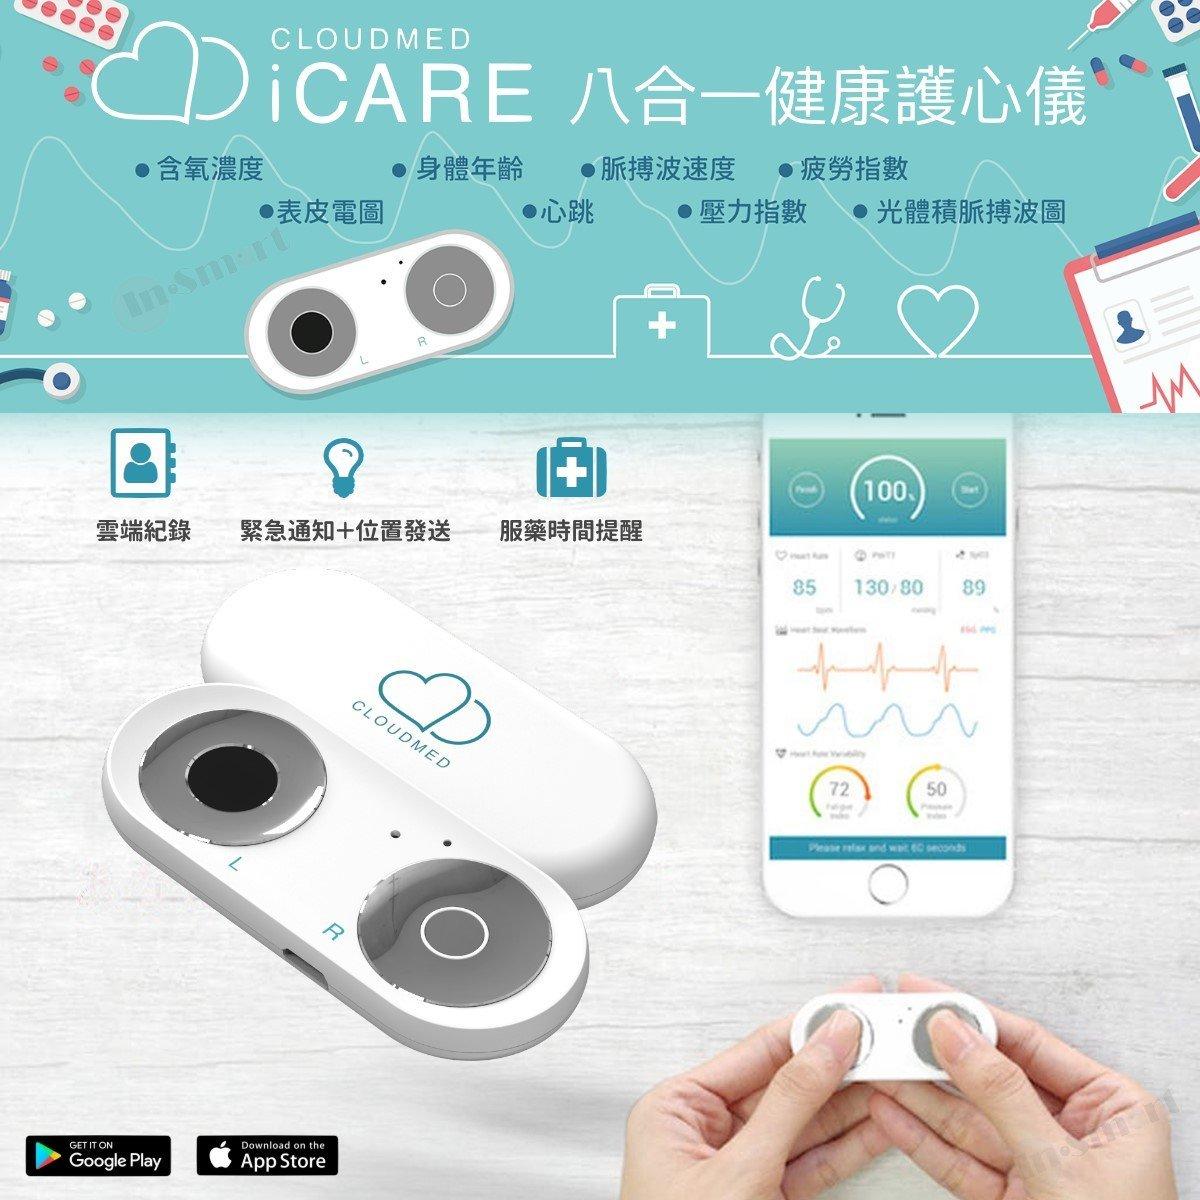 [個人健康顧問] iCare 八合一隨身血壓健康量測儀